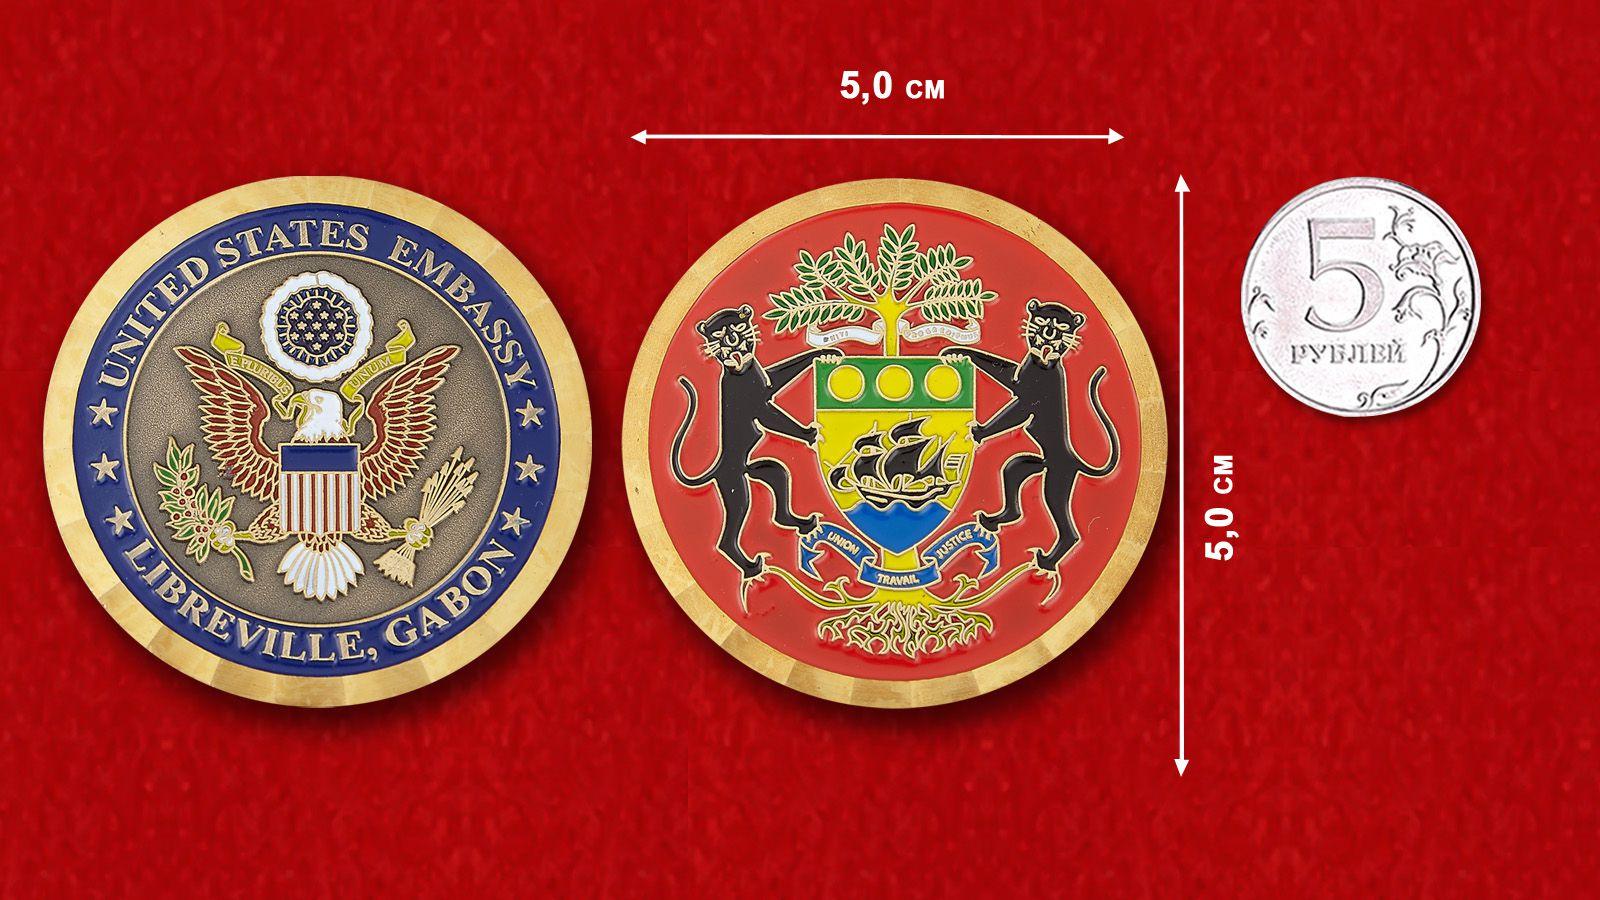 Челлендж коин посольства США в Либревиле - сравнительный размер